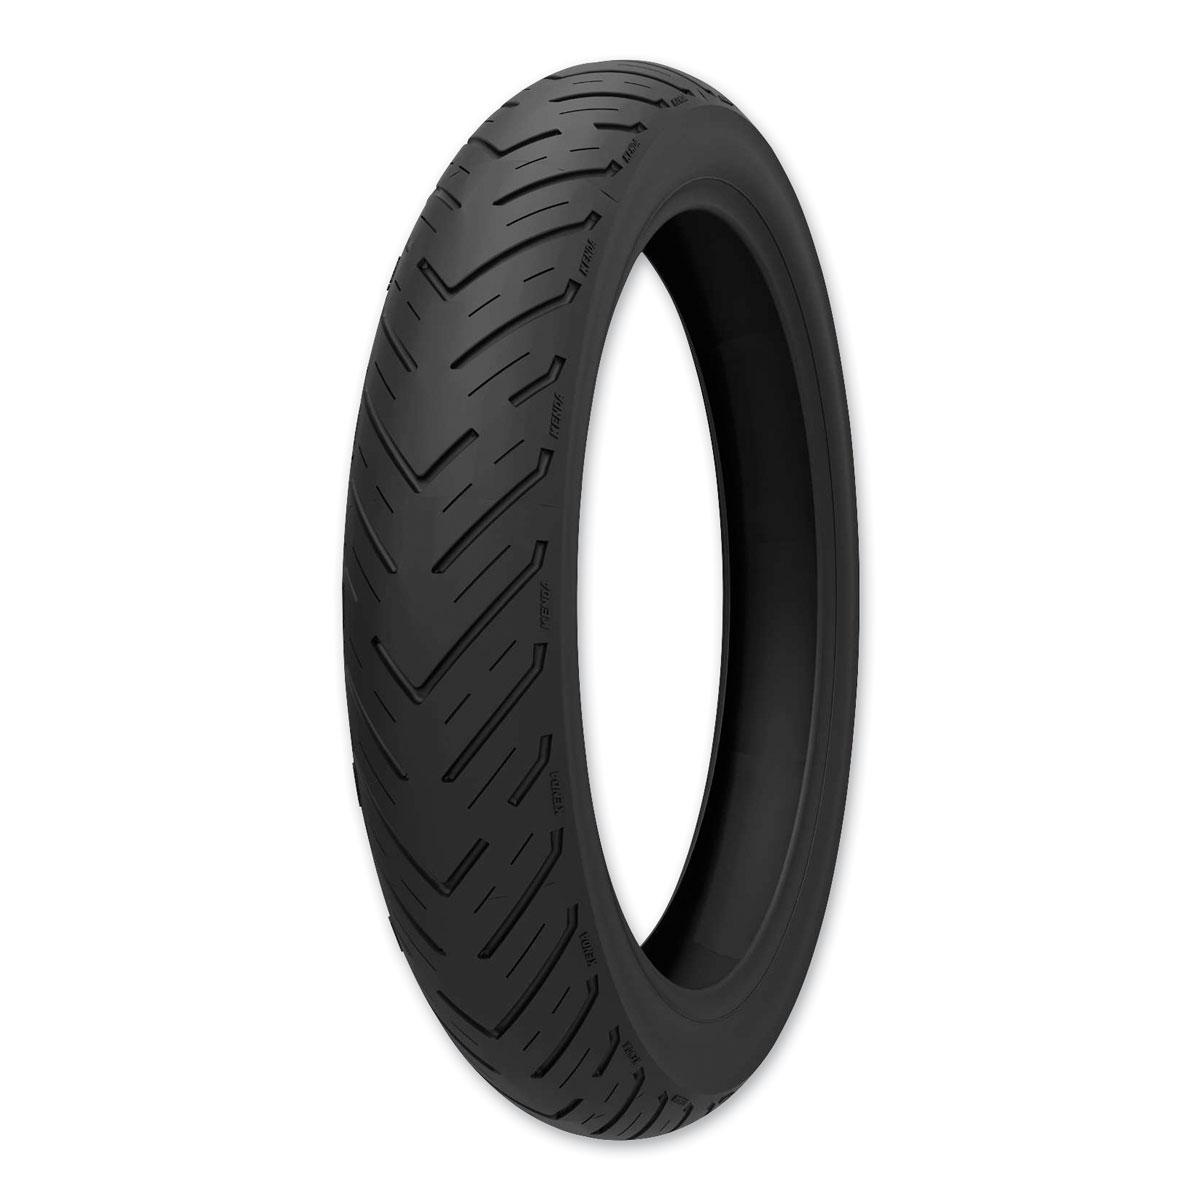 Kenda Tires K676 Retroactive 120/80-16 Front Tire